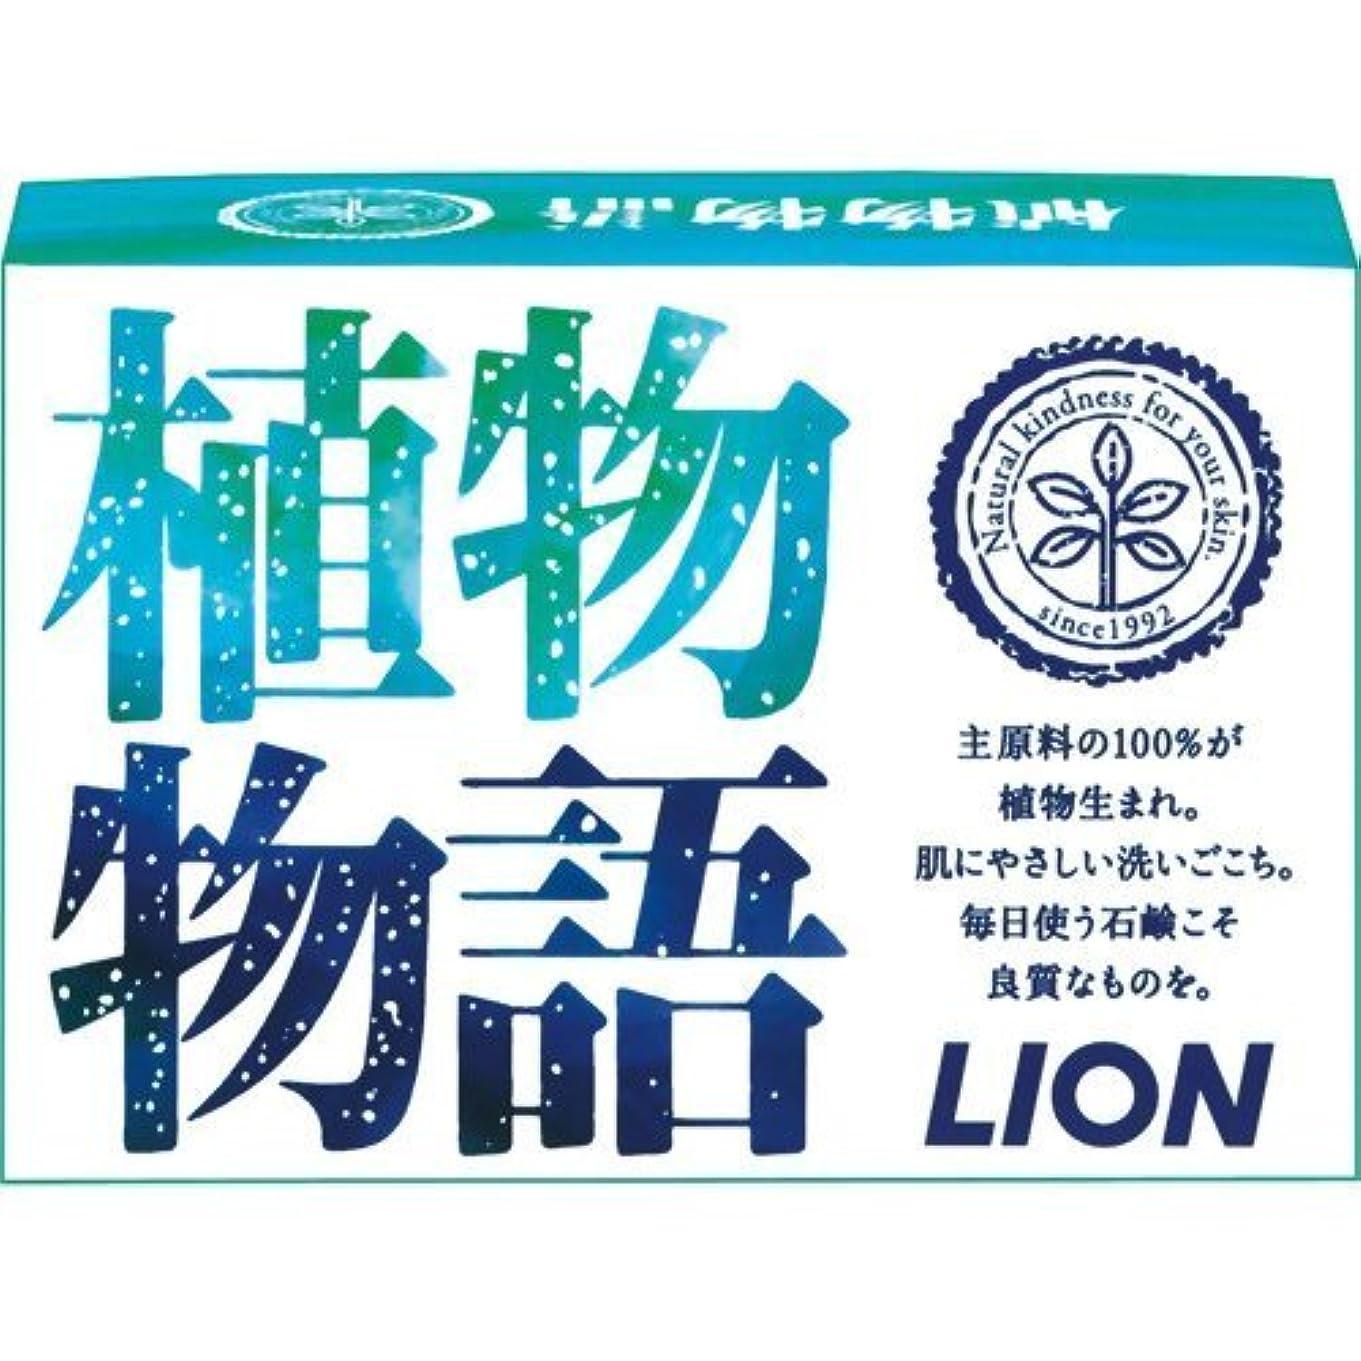 システム差配分ライオン 植物物語 化粧石鹸  1個